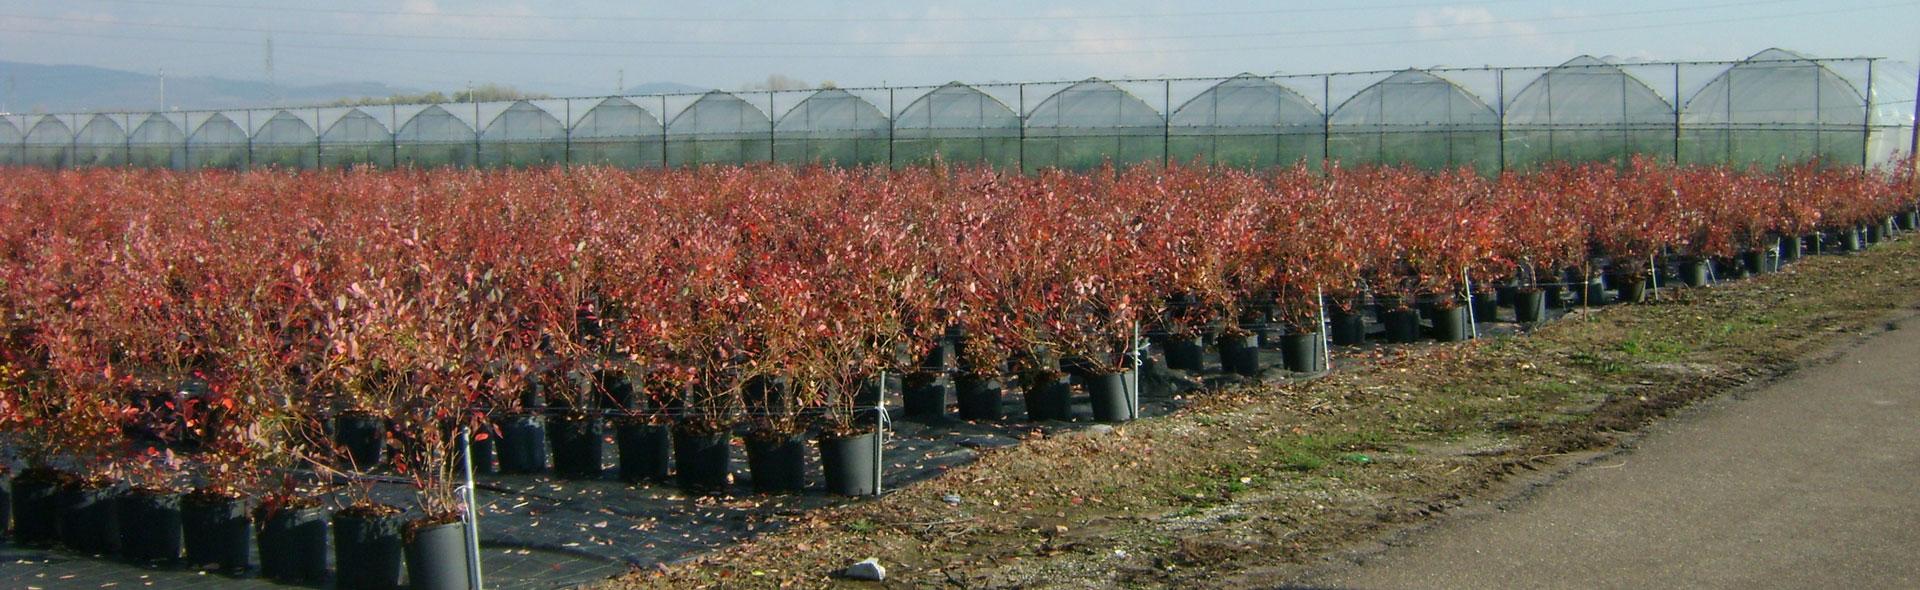 Coltivare Lamponi In Vaso fragole e fragoline di bosco:consigli di coltivazione - www